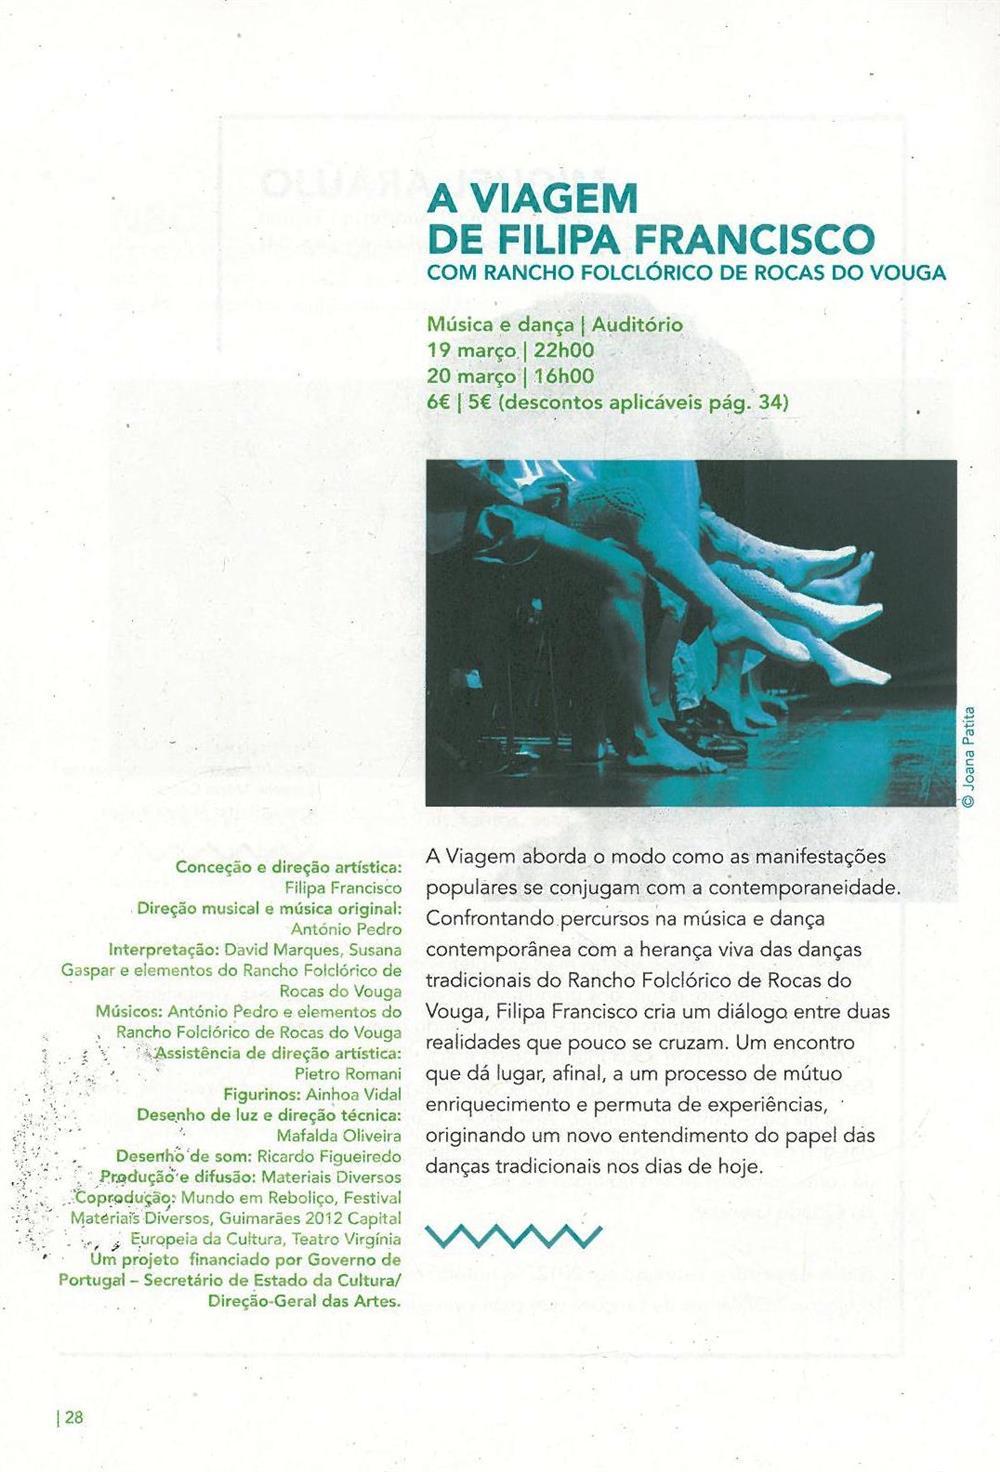 ACMSV-jan.,fev.,mar.'16-p.28-A viagem de Filipa Francisco : com Rancho Folclórico de Rocas do Vouga : música e dança.jpg